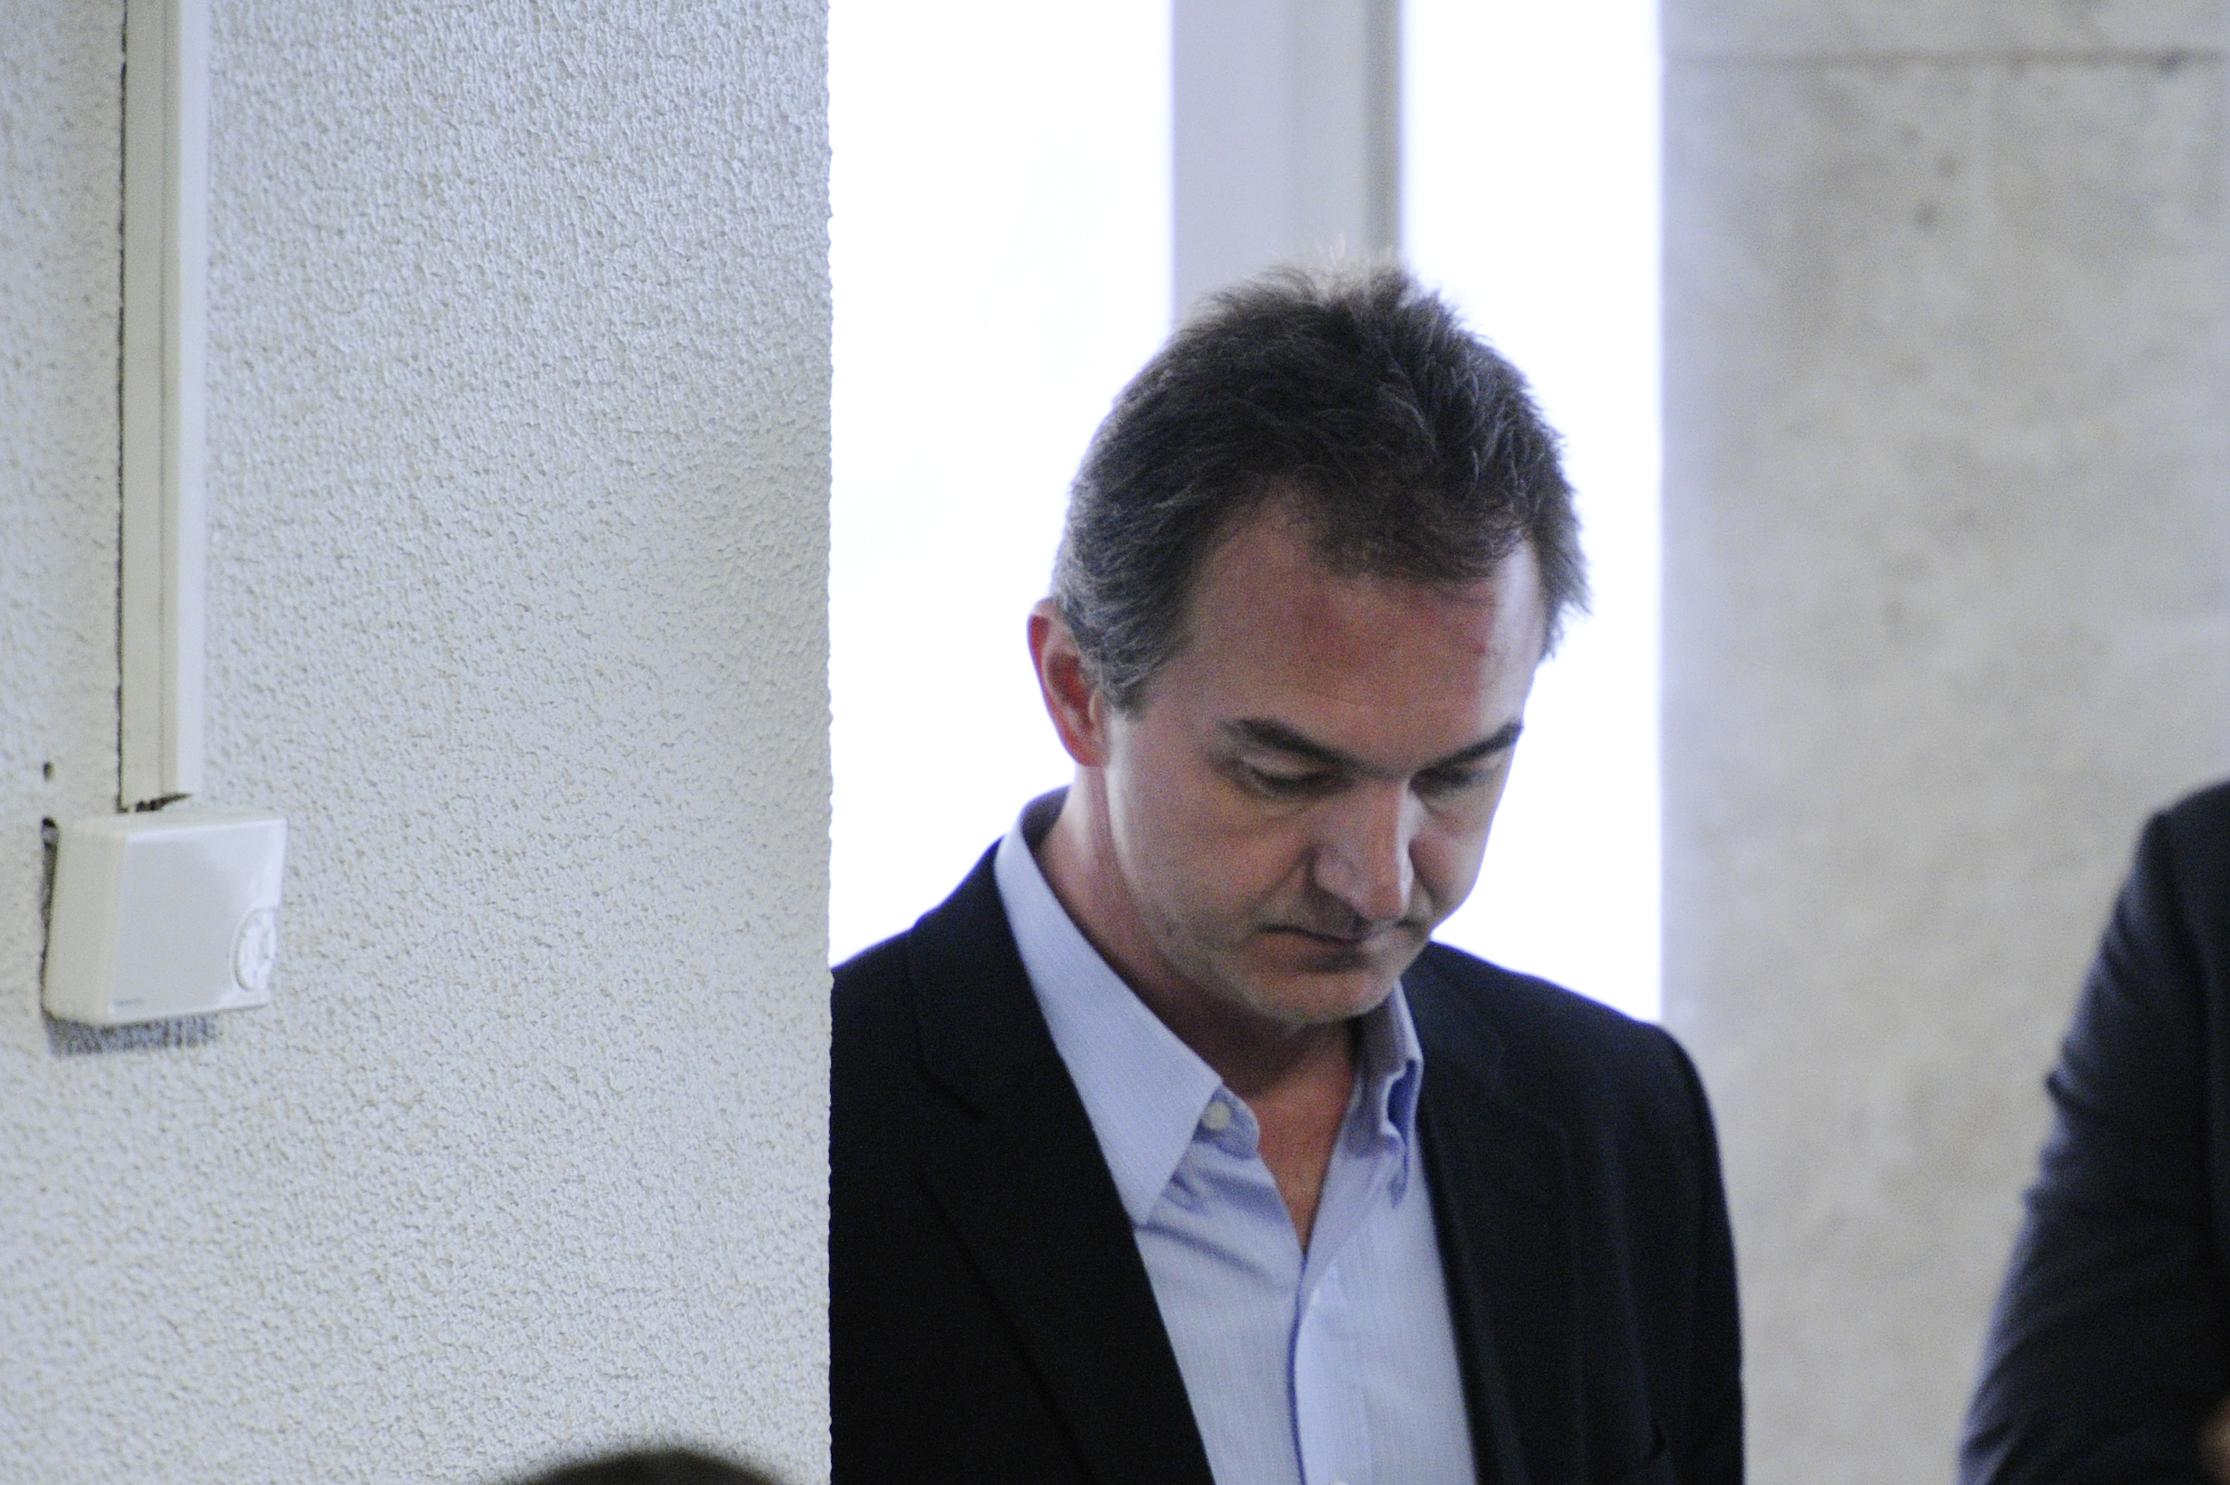 IMAGEM: TRF-1 rejeita denúncia contra procurador e advogado citados por Joesley